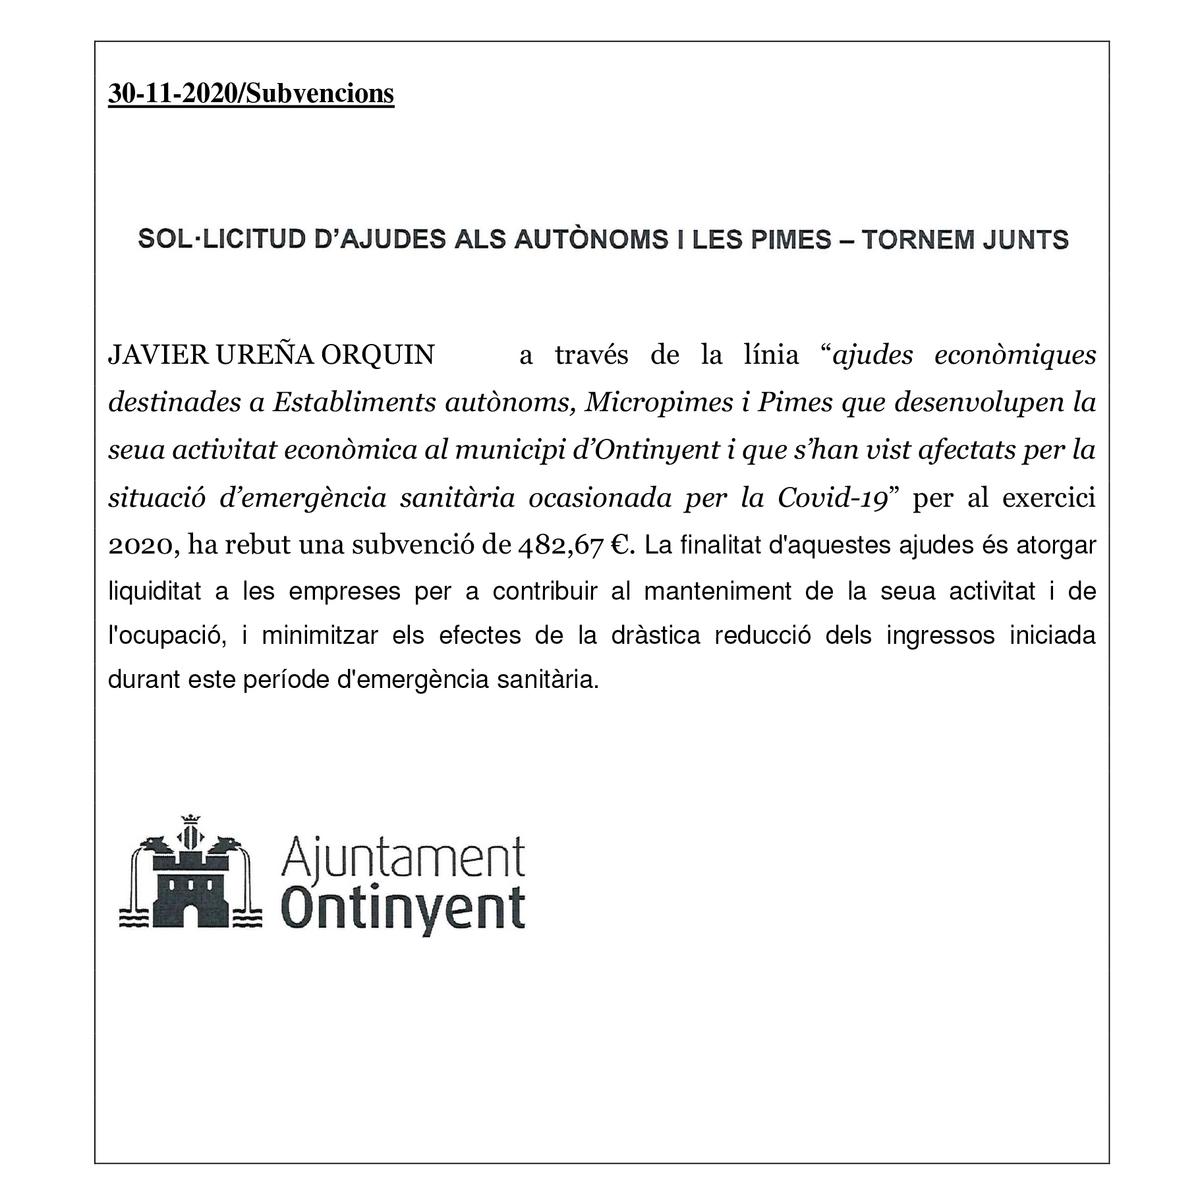 Imagem capa - Somos beneficiarios de las ayudas del Ajuntament d´Ontinyent por Javier